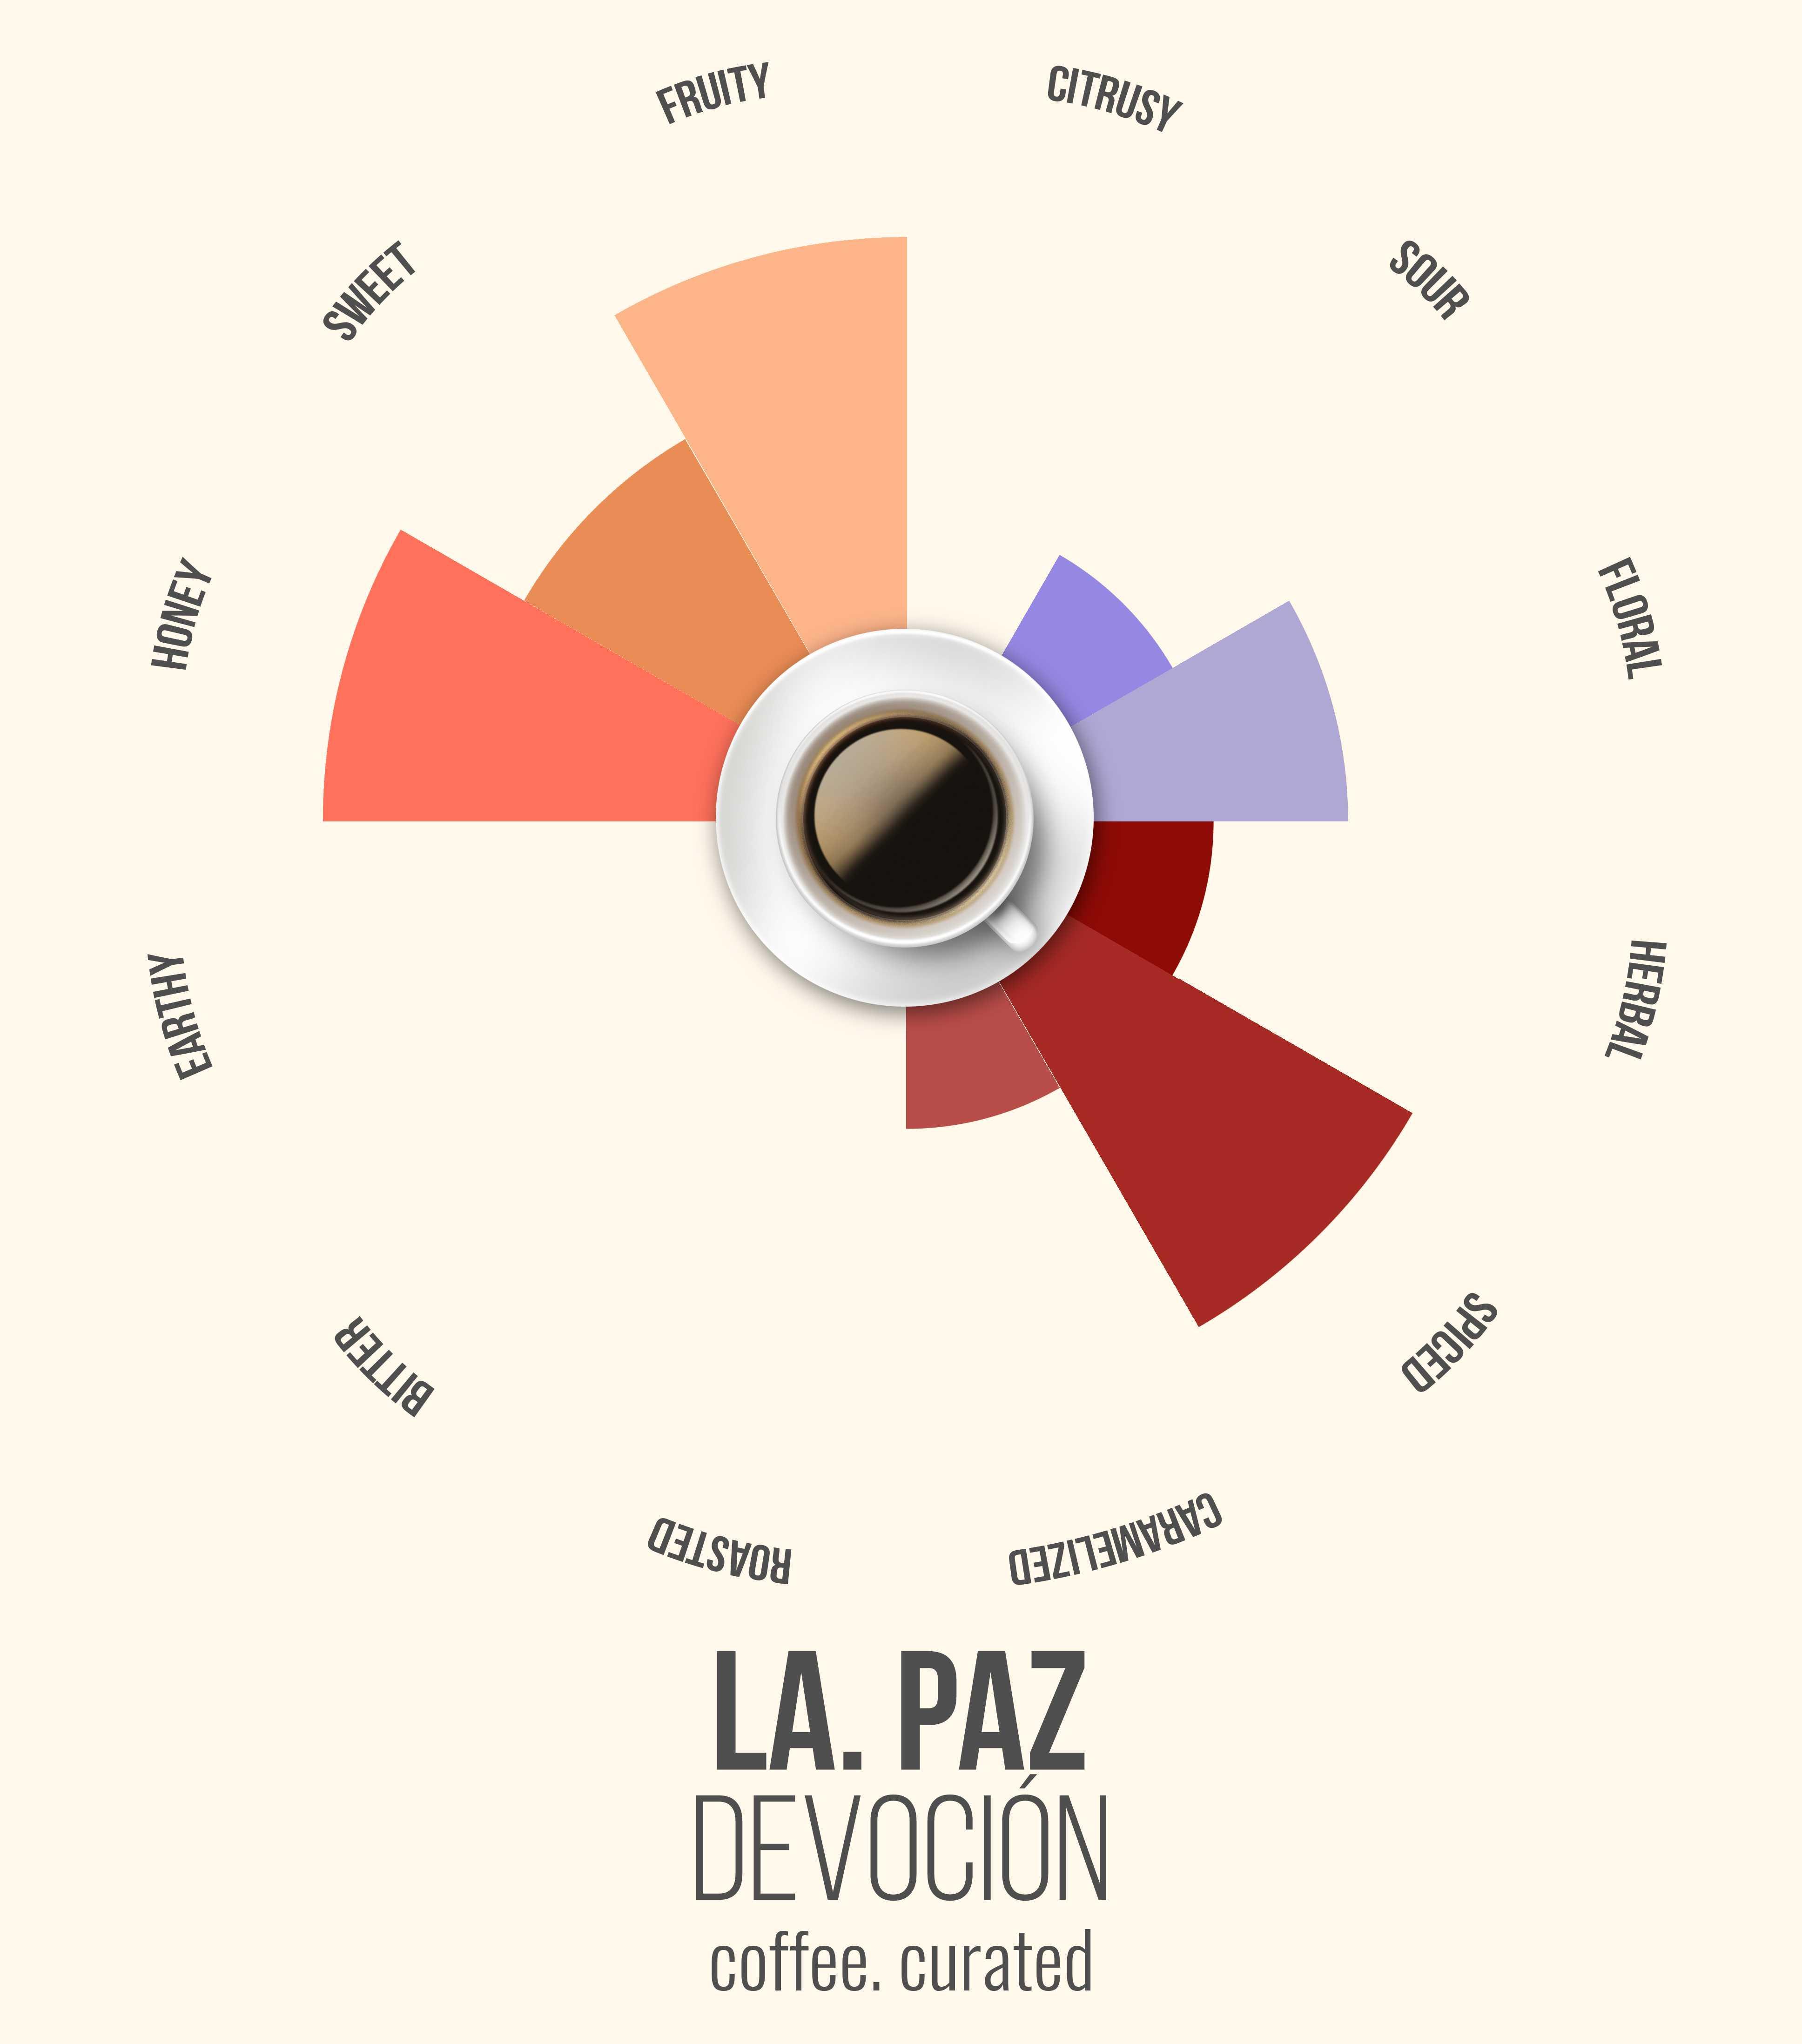 LA PAZ Devocion Coffee